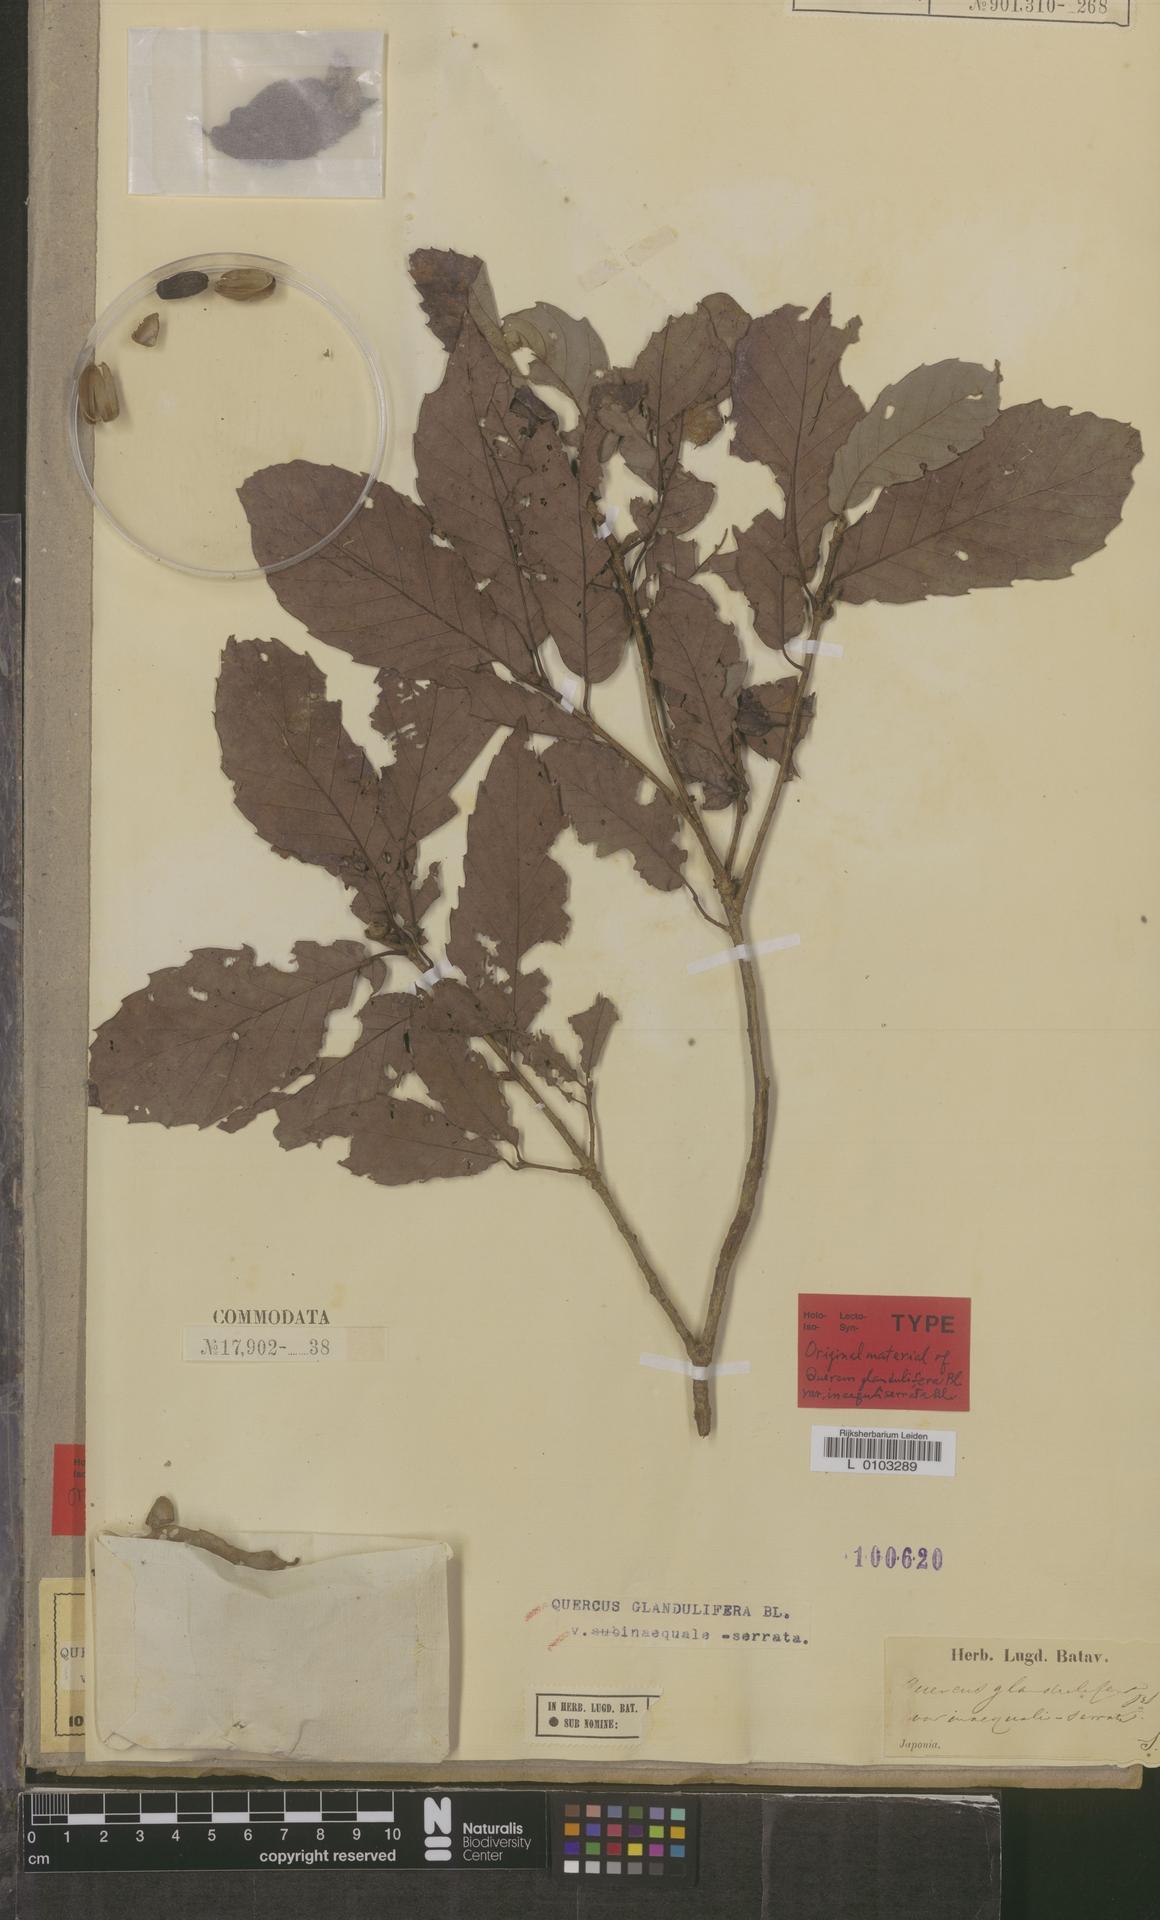 L  0103289 | Quercus glandulifera var. inaequaleserrata